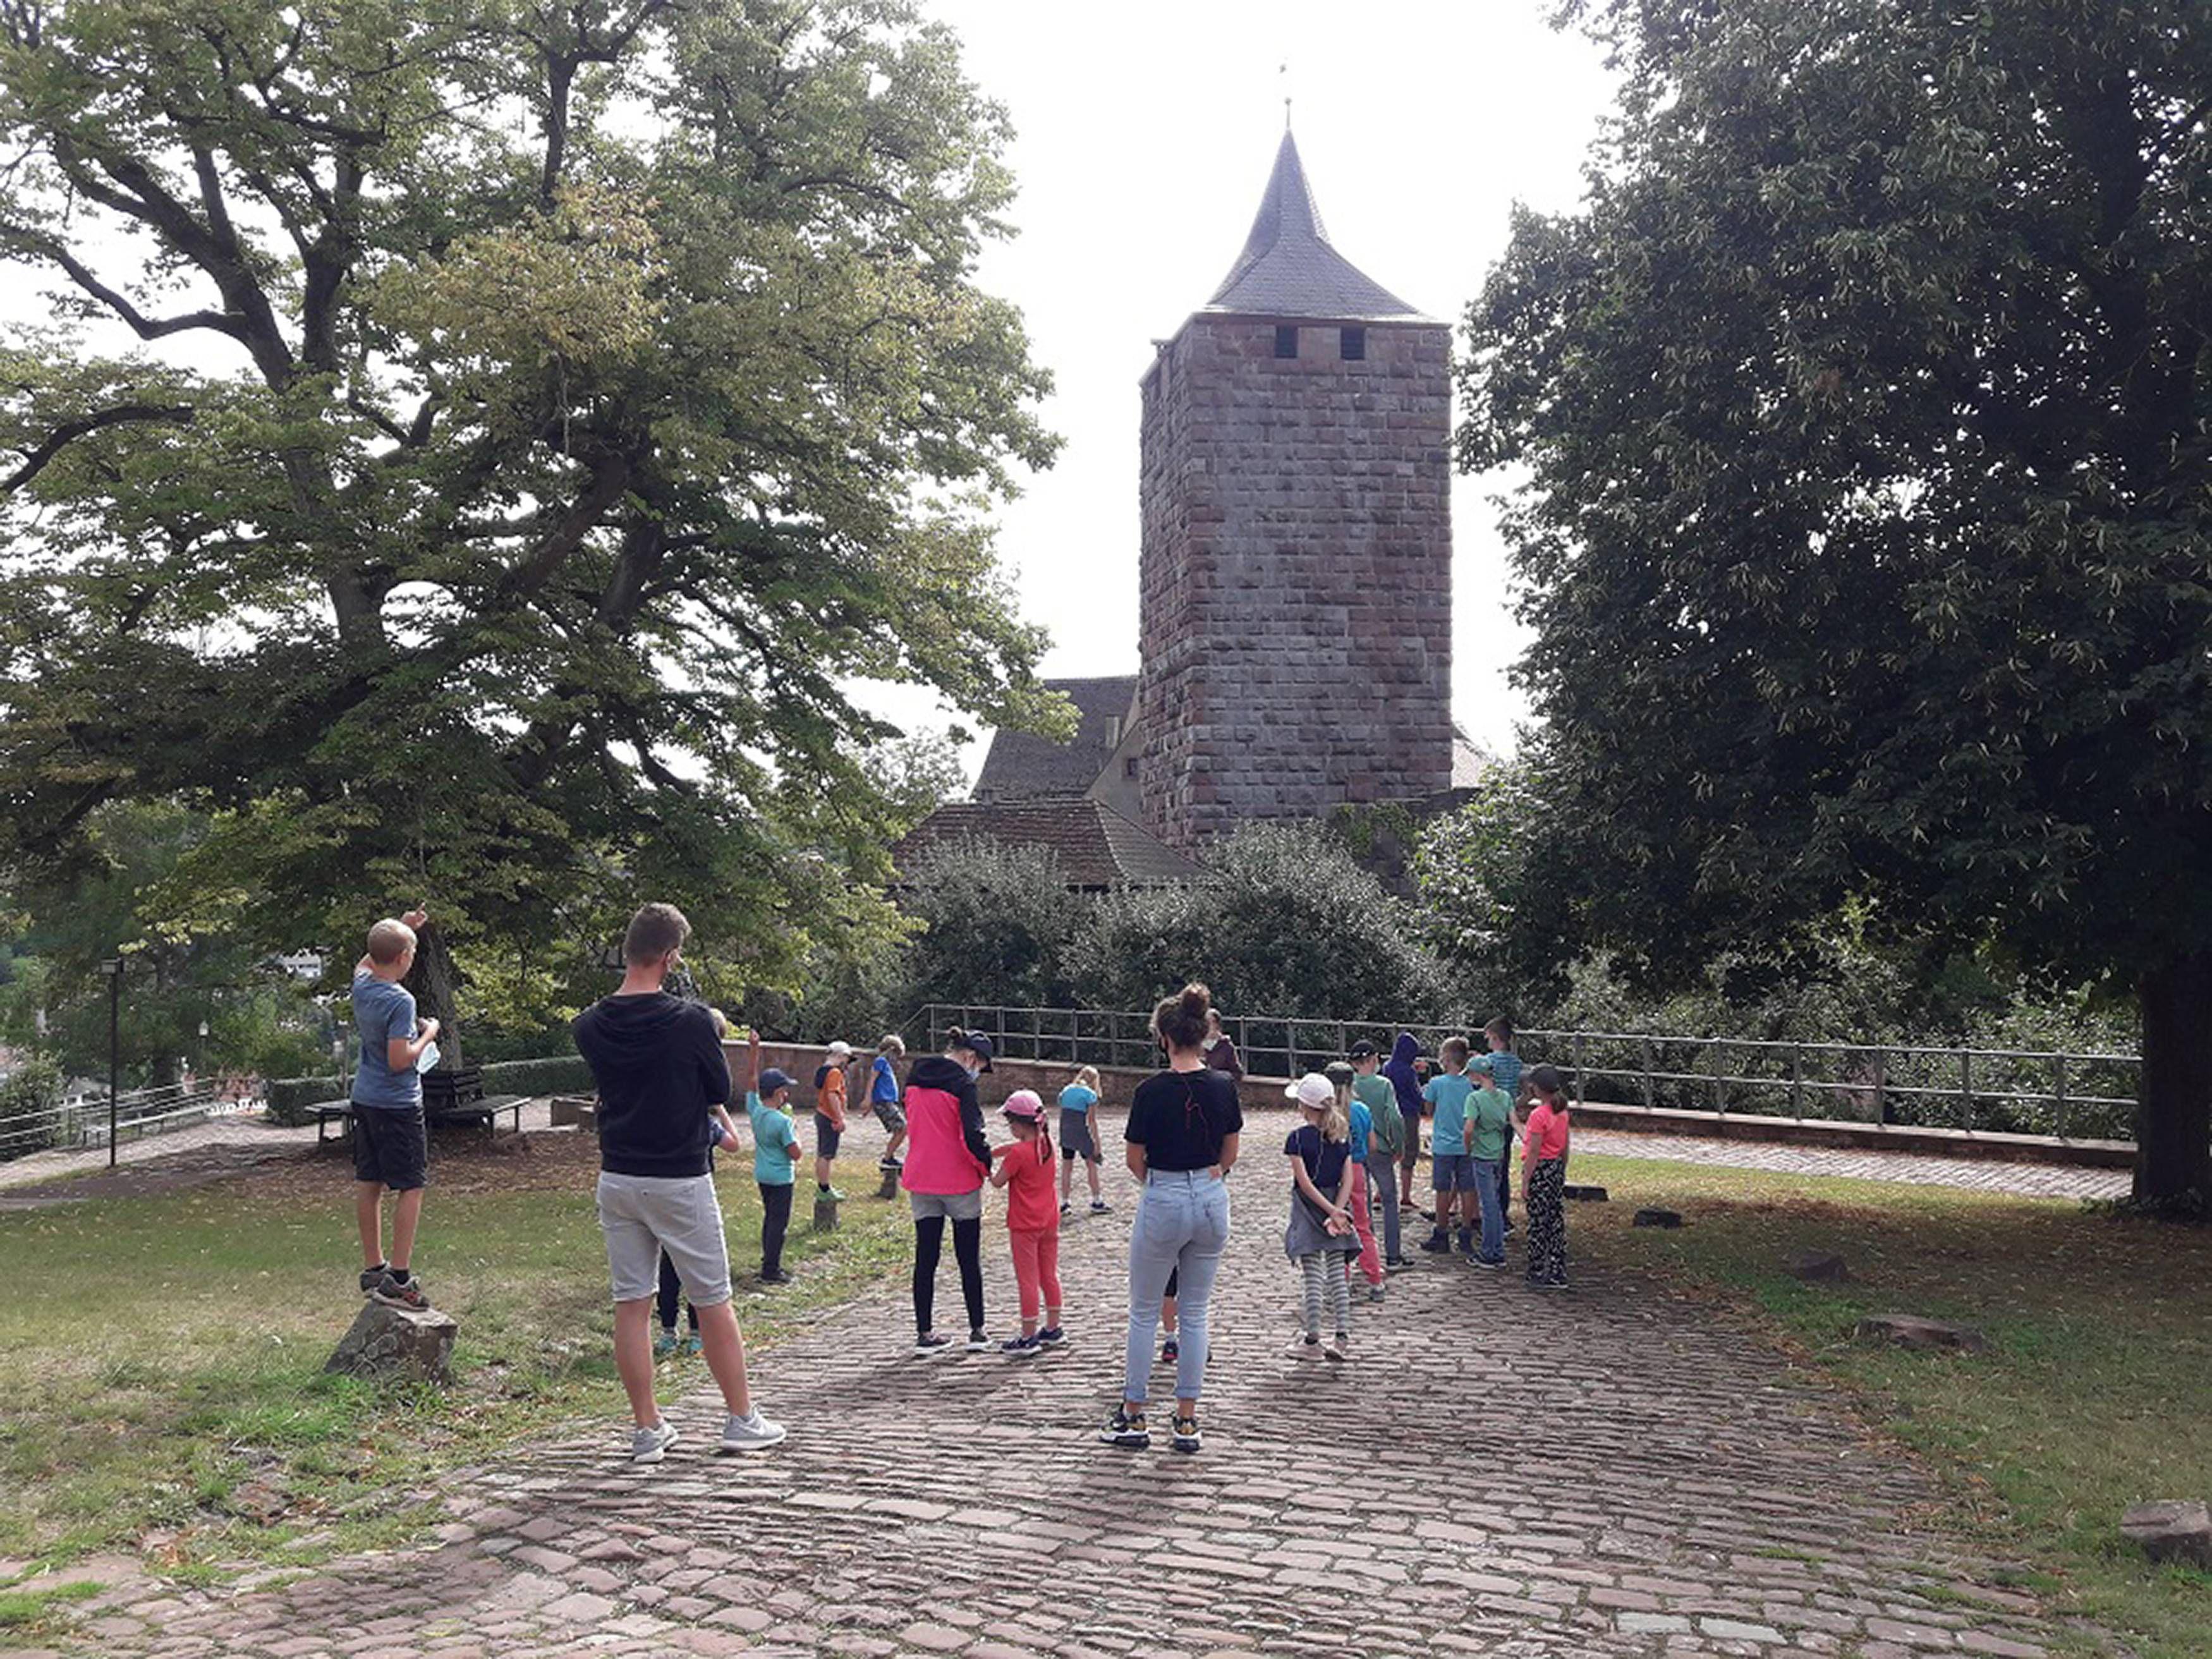 Abwechslungsreiche Ferientage gab es für Kinder auf Burg Rothenfels zu erleben.